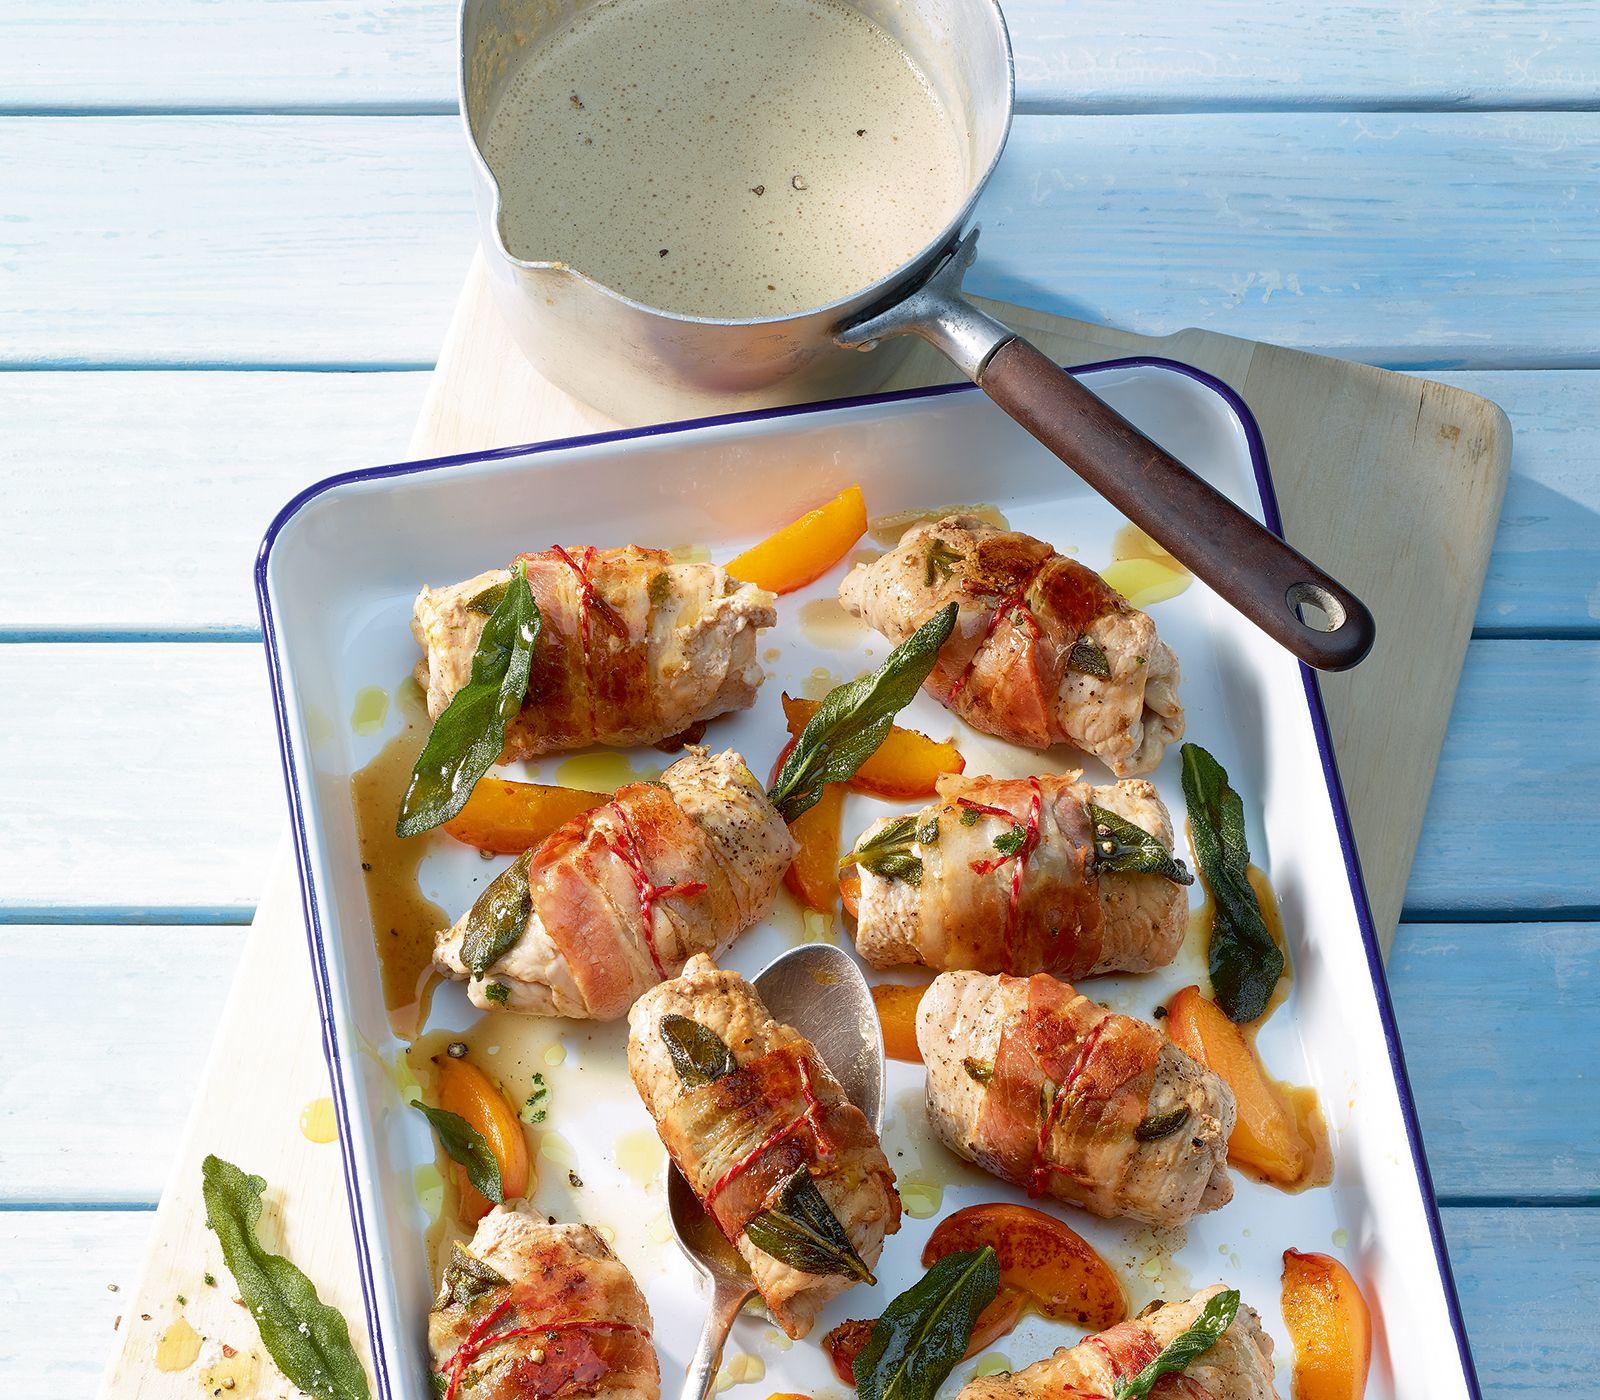 Nicht nur die Aprikosen harmonieren mit dem Kalbfleisch, sondern auch Nektarinen und Pfirsiche können für dieses Gericht verwendet werden.